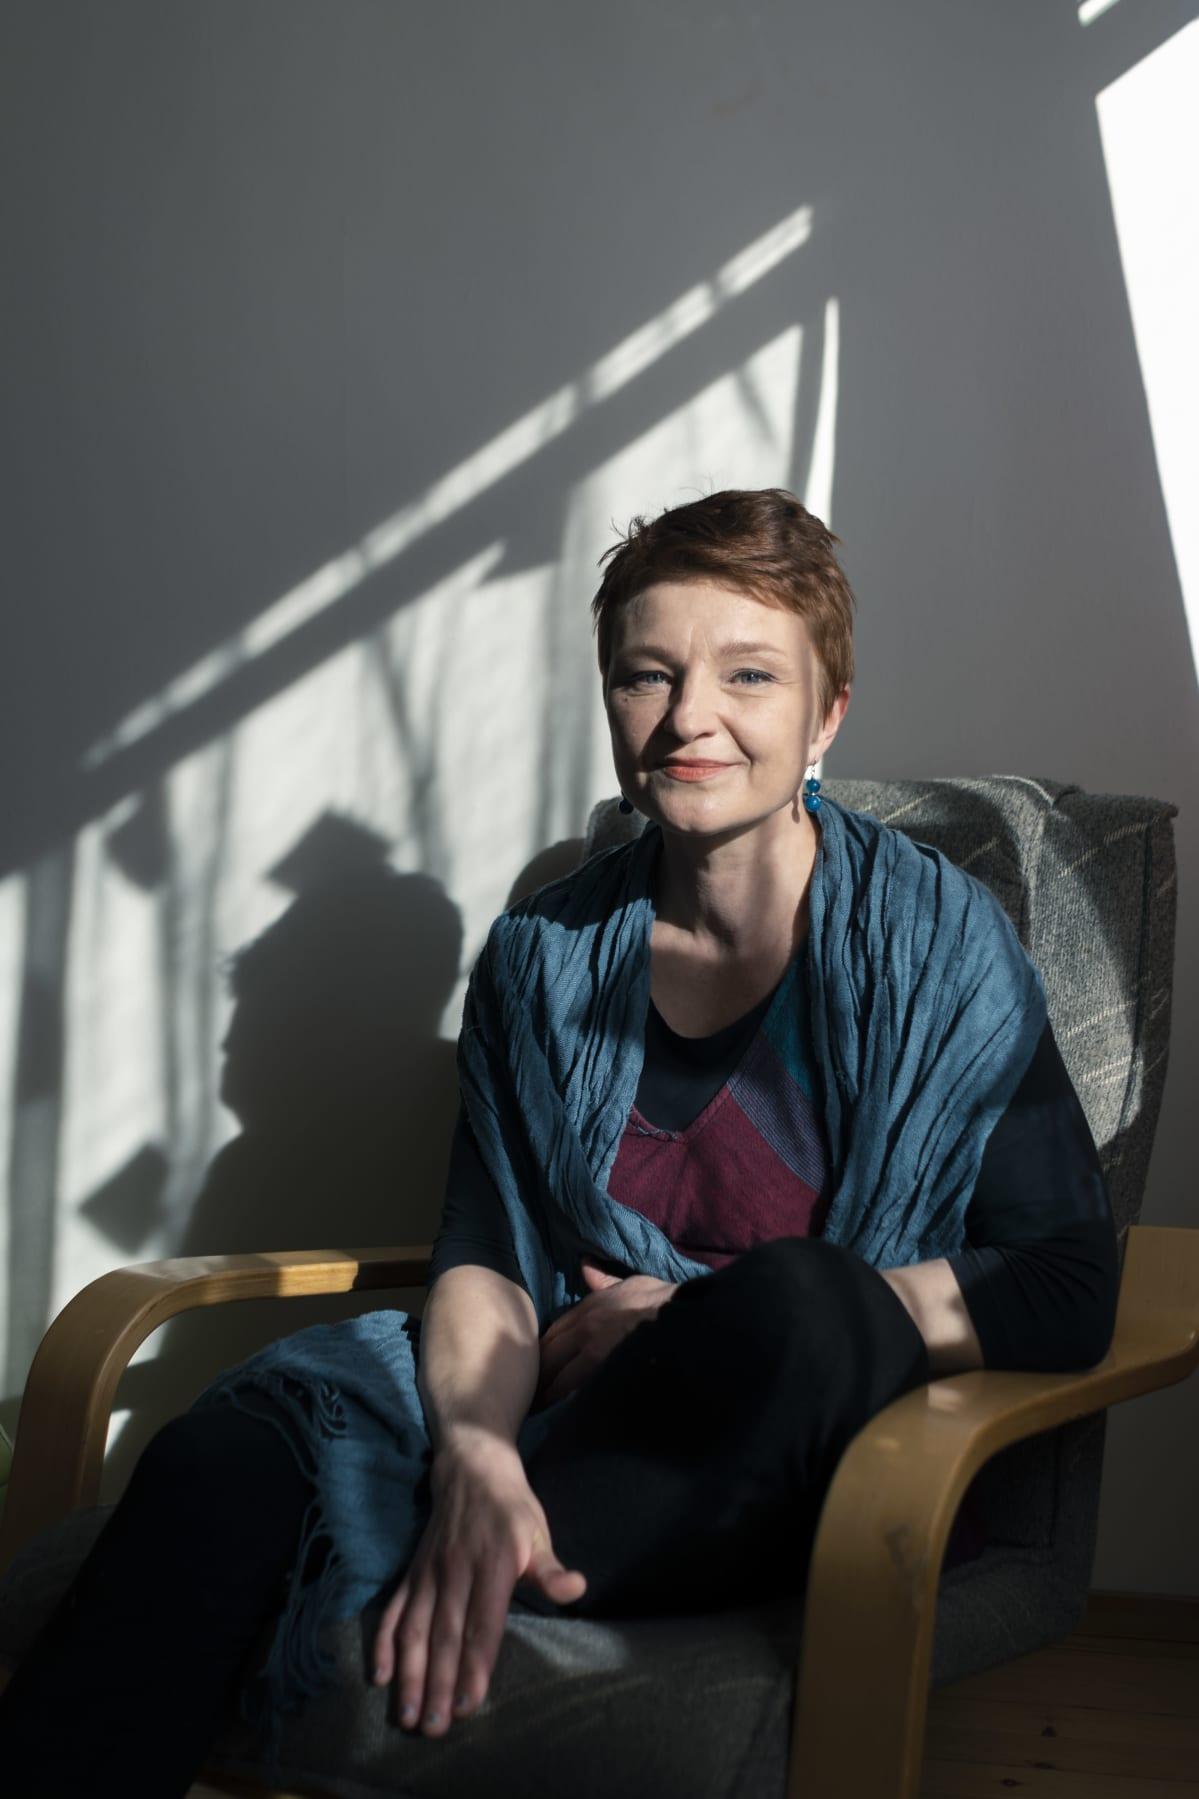 Nainen istuu tuolilla ja katsoo kameraan hieman hymyillen. Auringon valo valaisee naisen kasvot ja piirtää tervän varjon seinään.